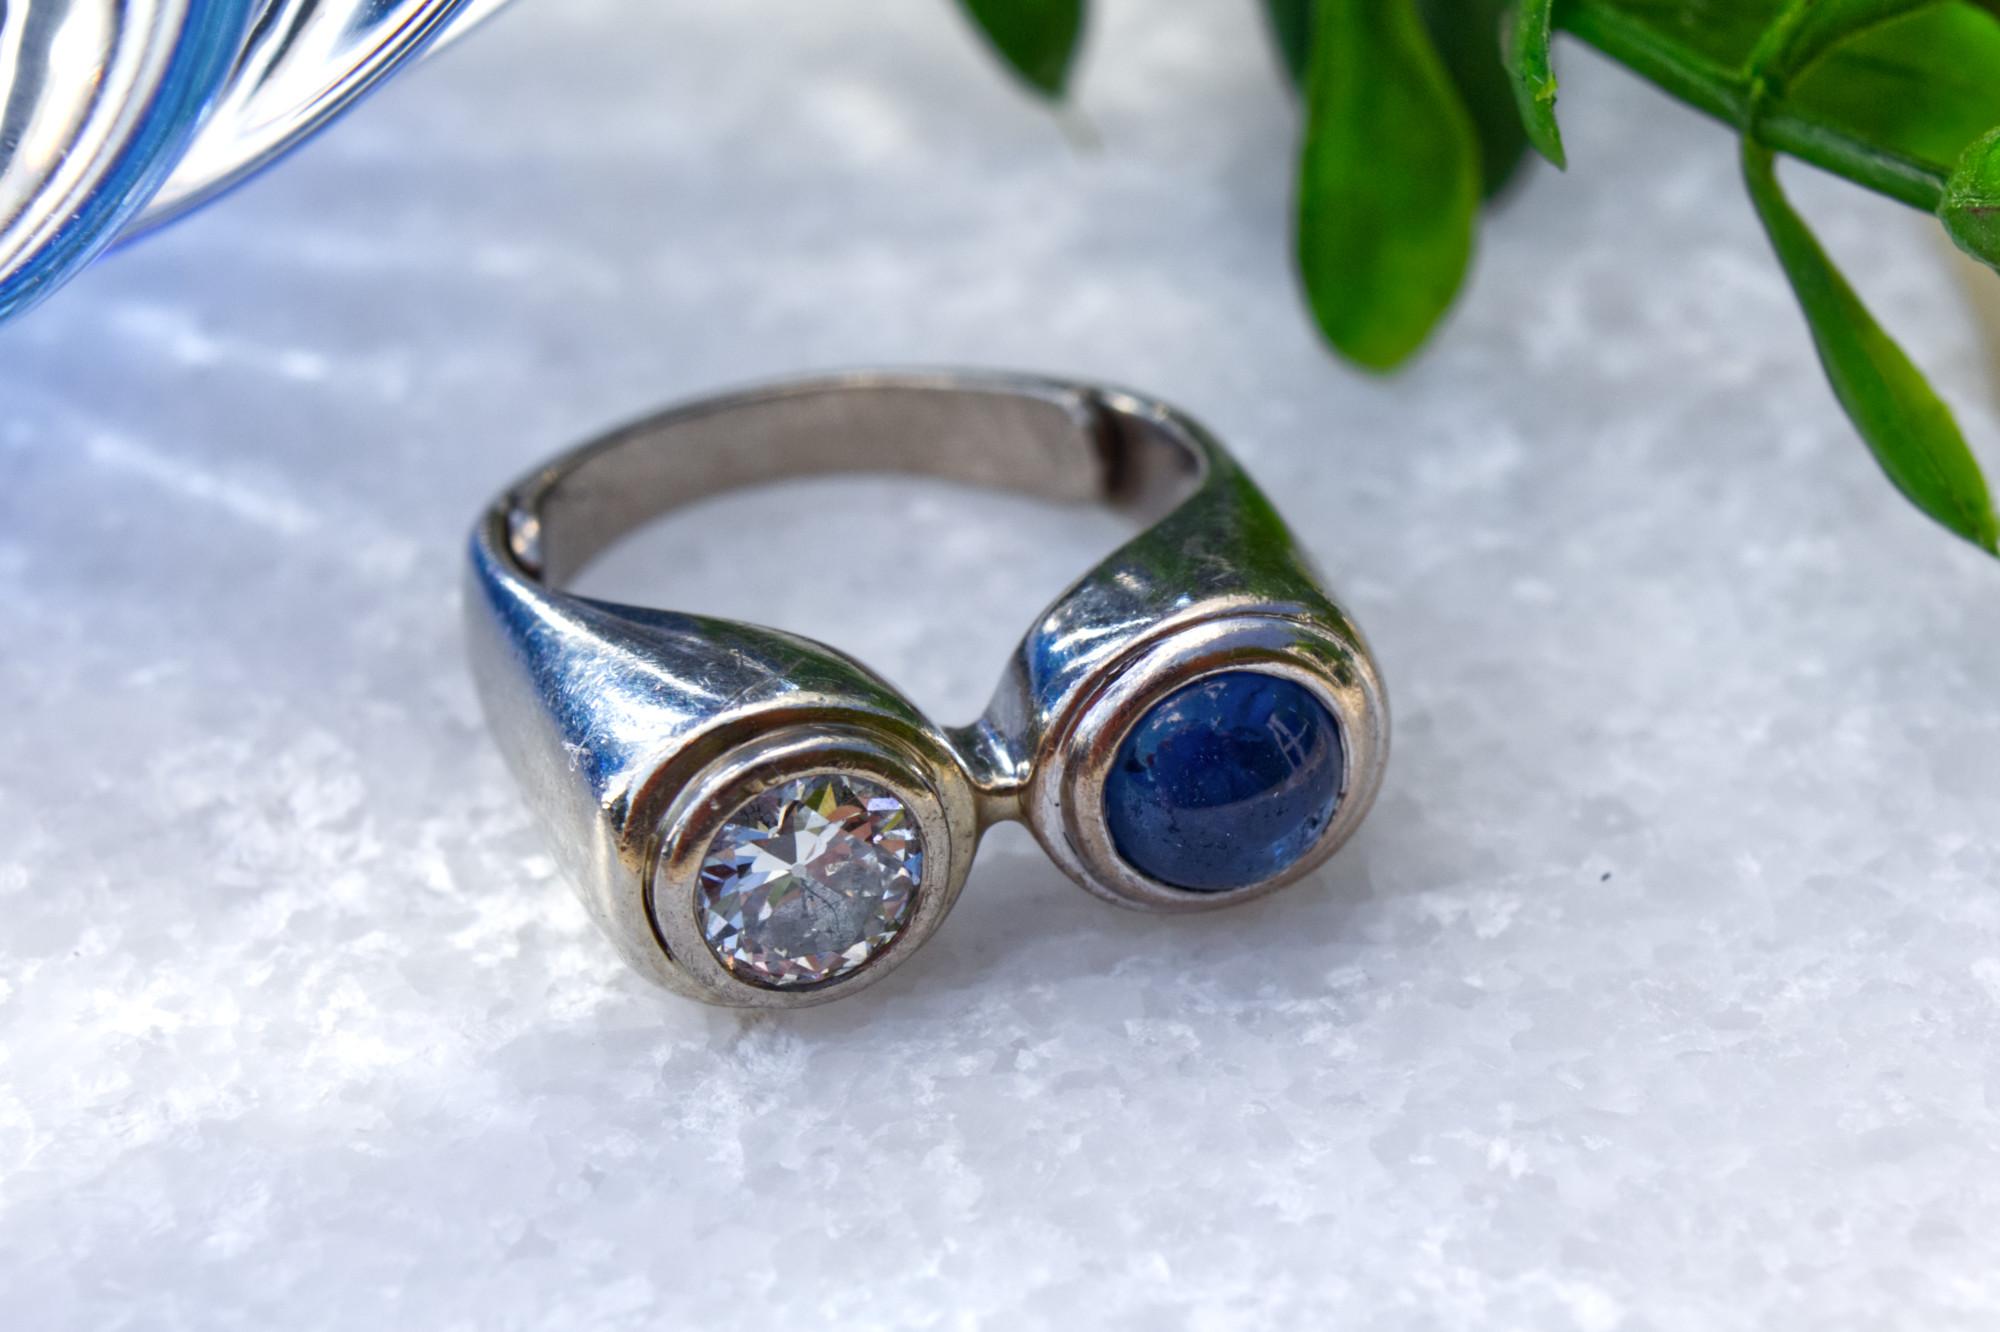 Exclusiver Designerring mit in Weißgold gefassten Diamant und Saphir.